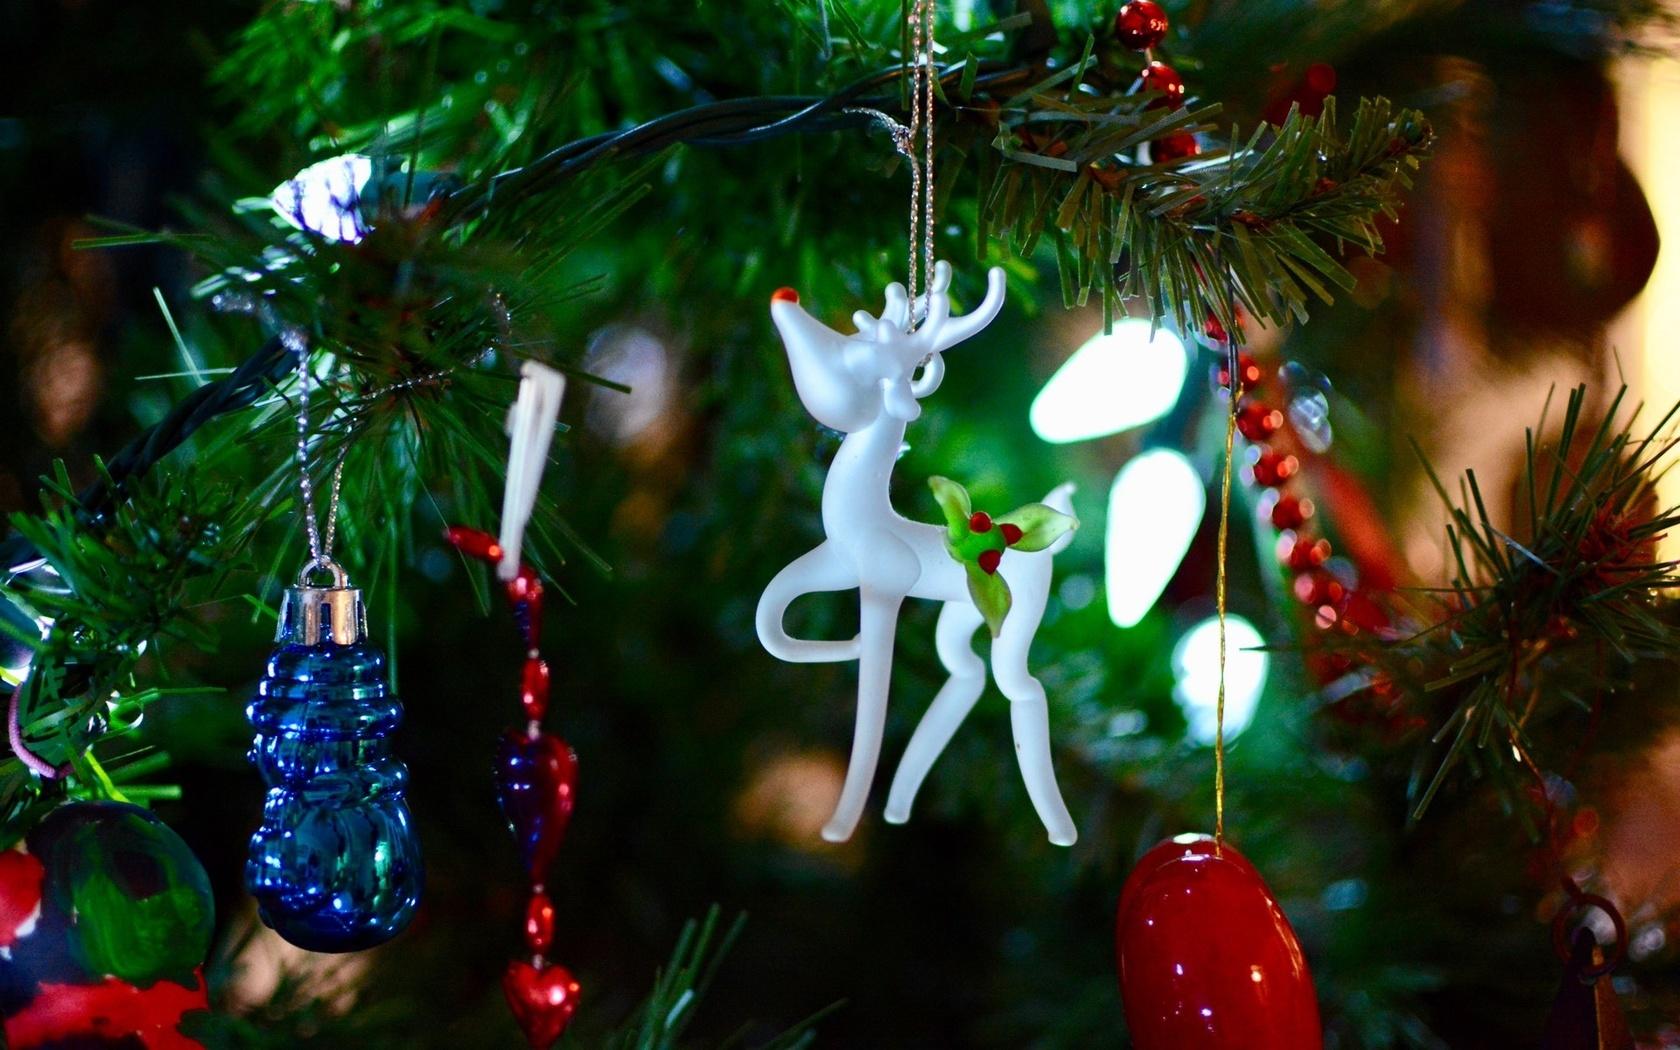 праздники, игрушки, боке